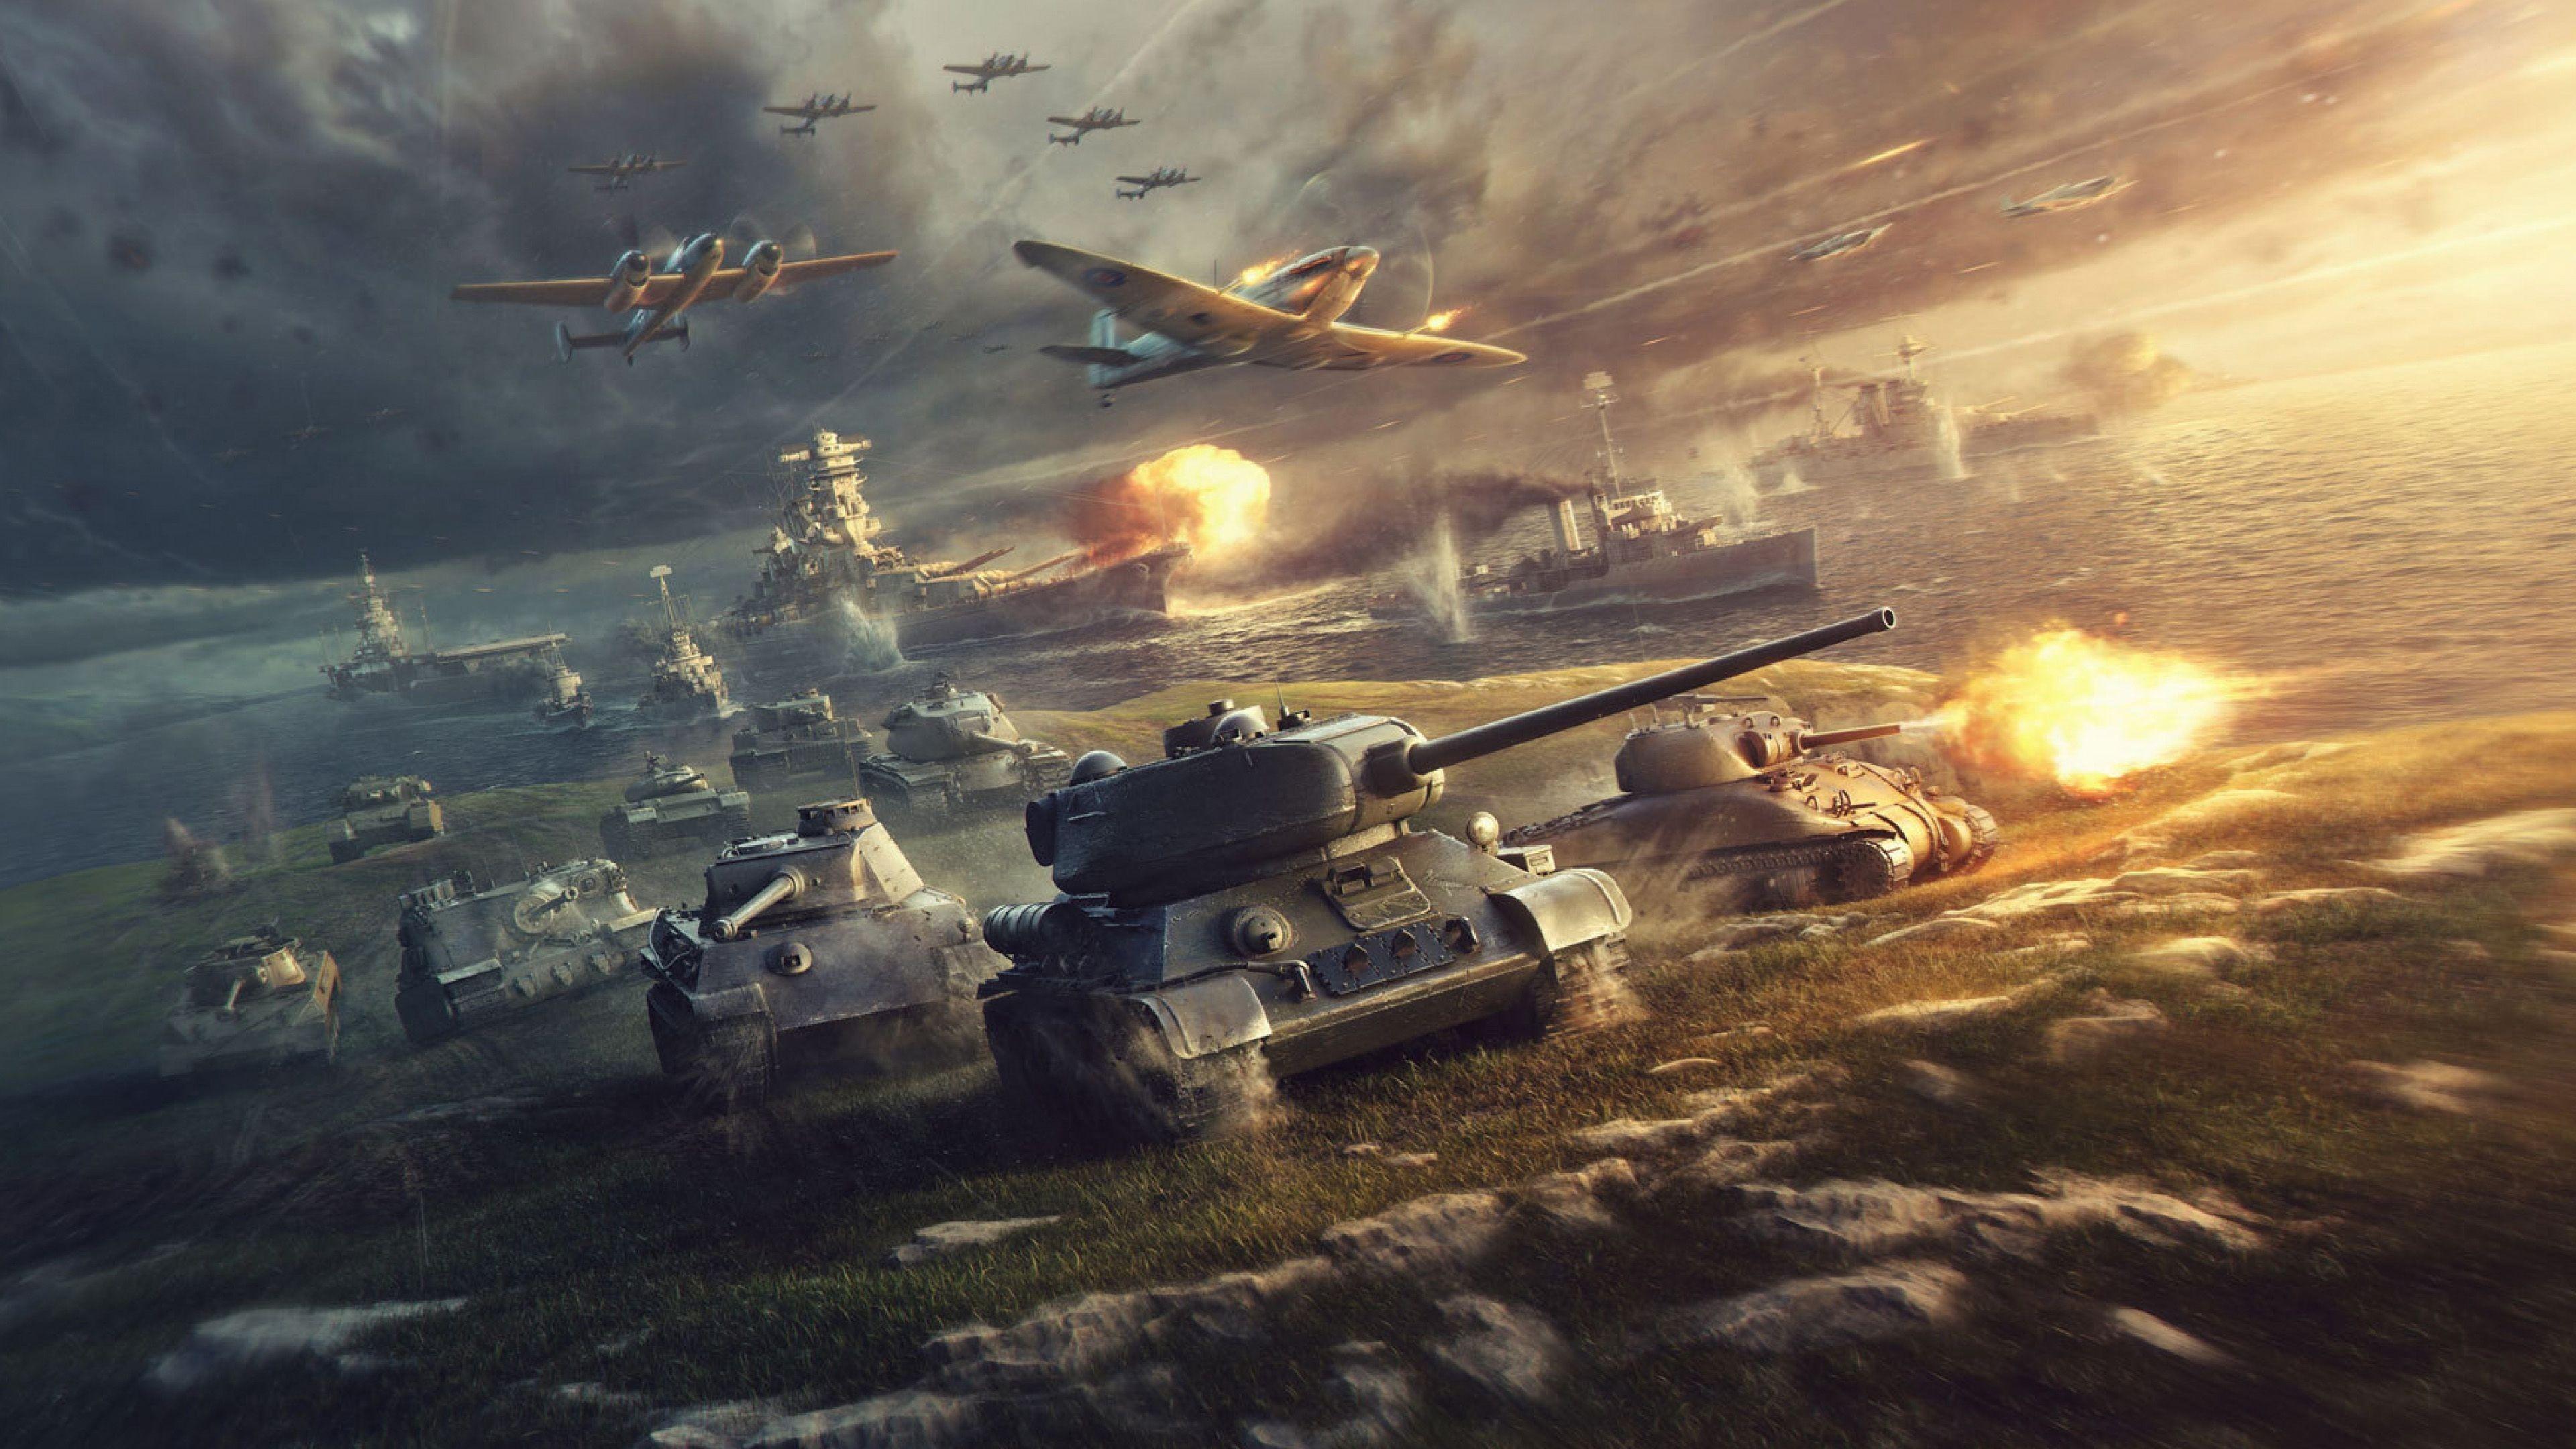 3840x2160 Word Of Tanks 4k Wallpaper For Pc In Hd In 2020 World Of Warships Wallpaper Tank Wallpaper World Of Tanks